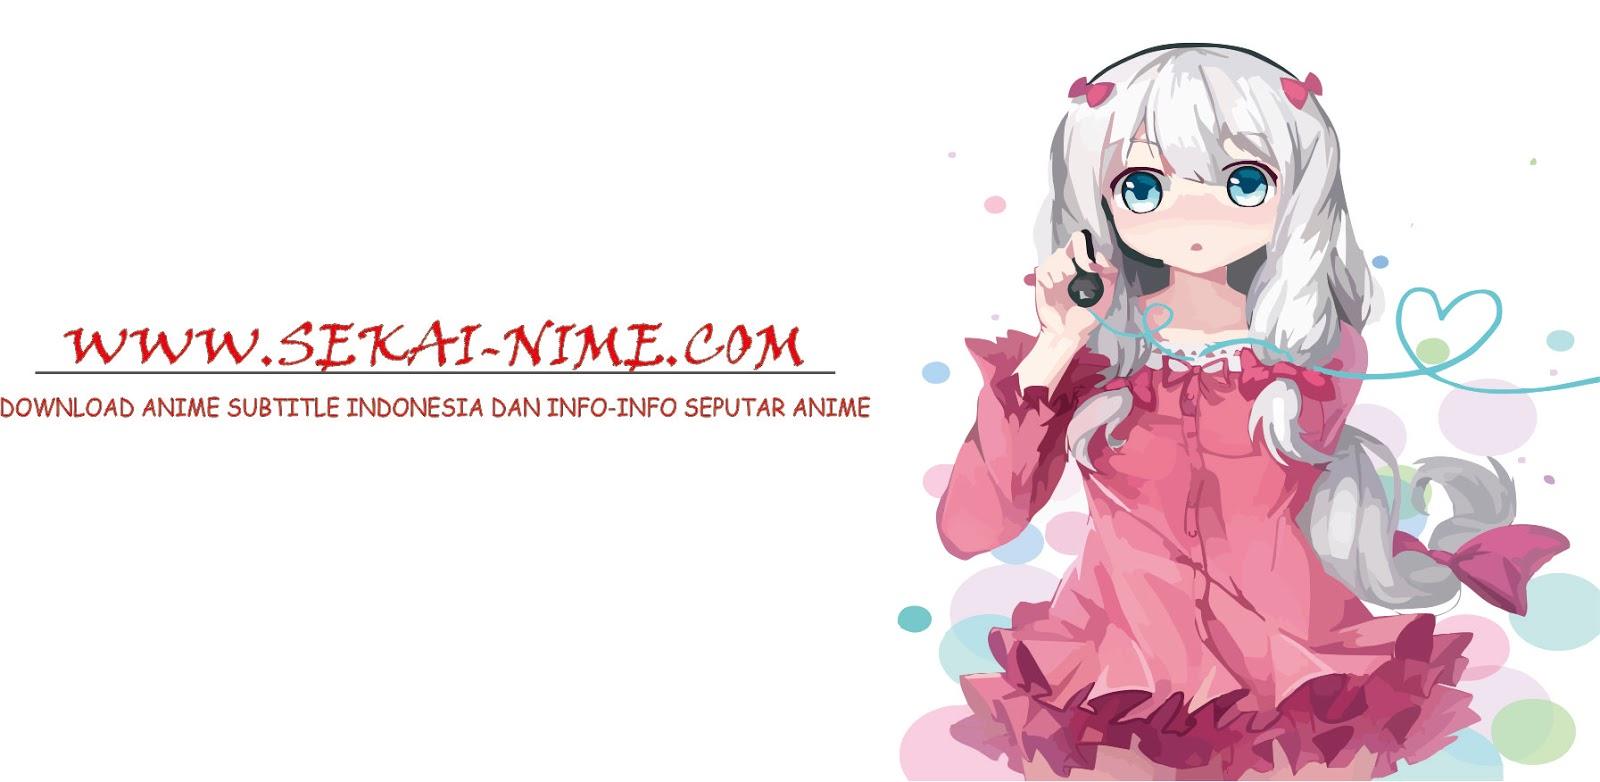 Mungkin diantara kalian pernah atau bahkan sering sekali lihat screenshot anime digrup wa atau grup anime di facebook dan mungkin kalian penasaran dengan